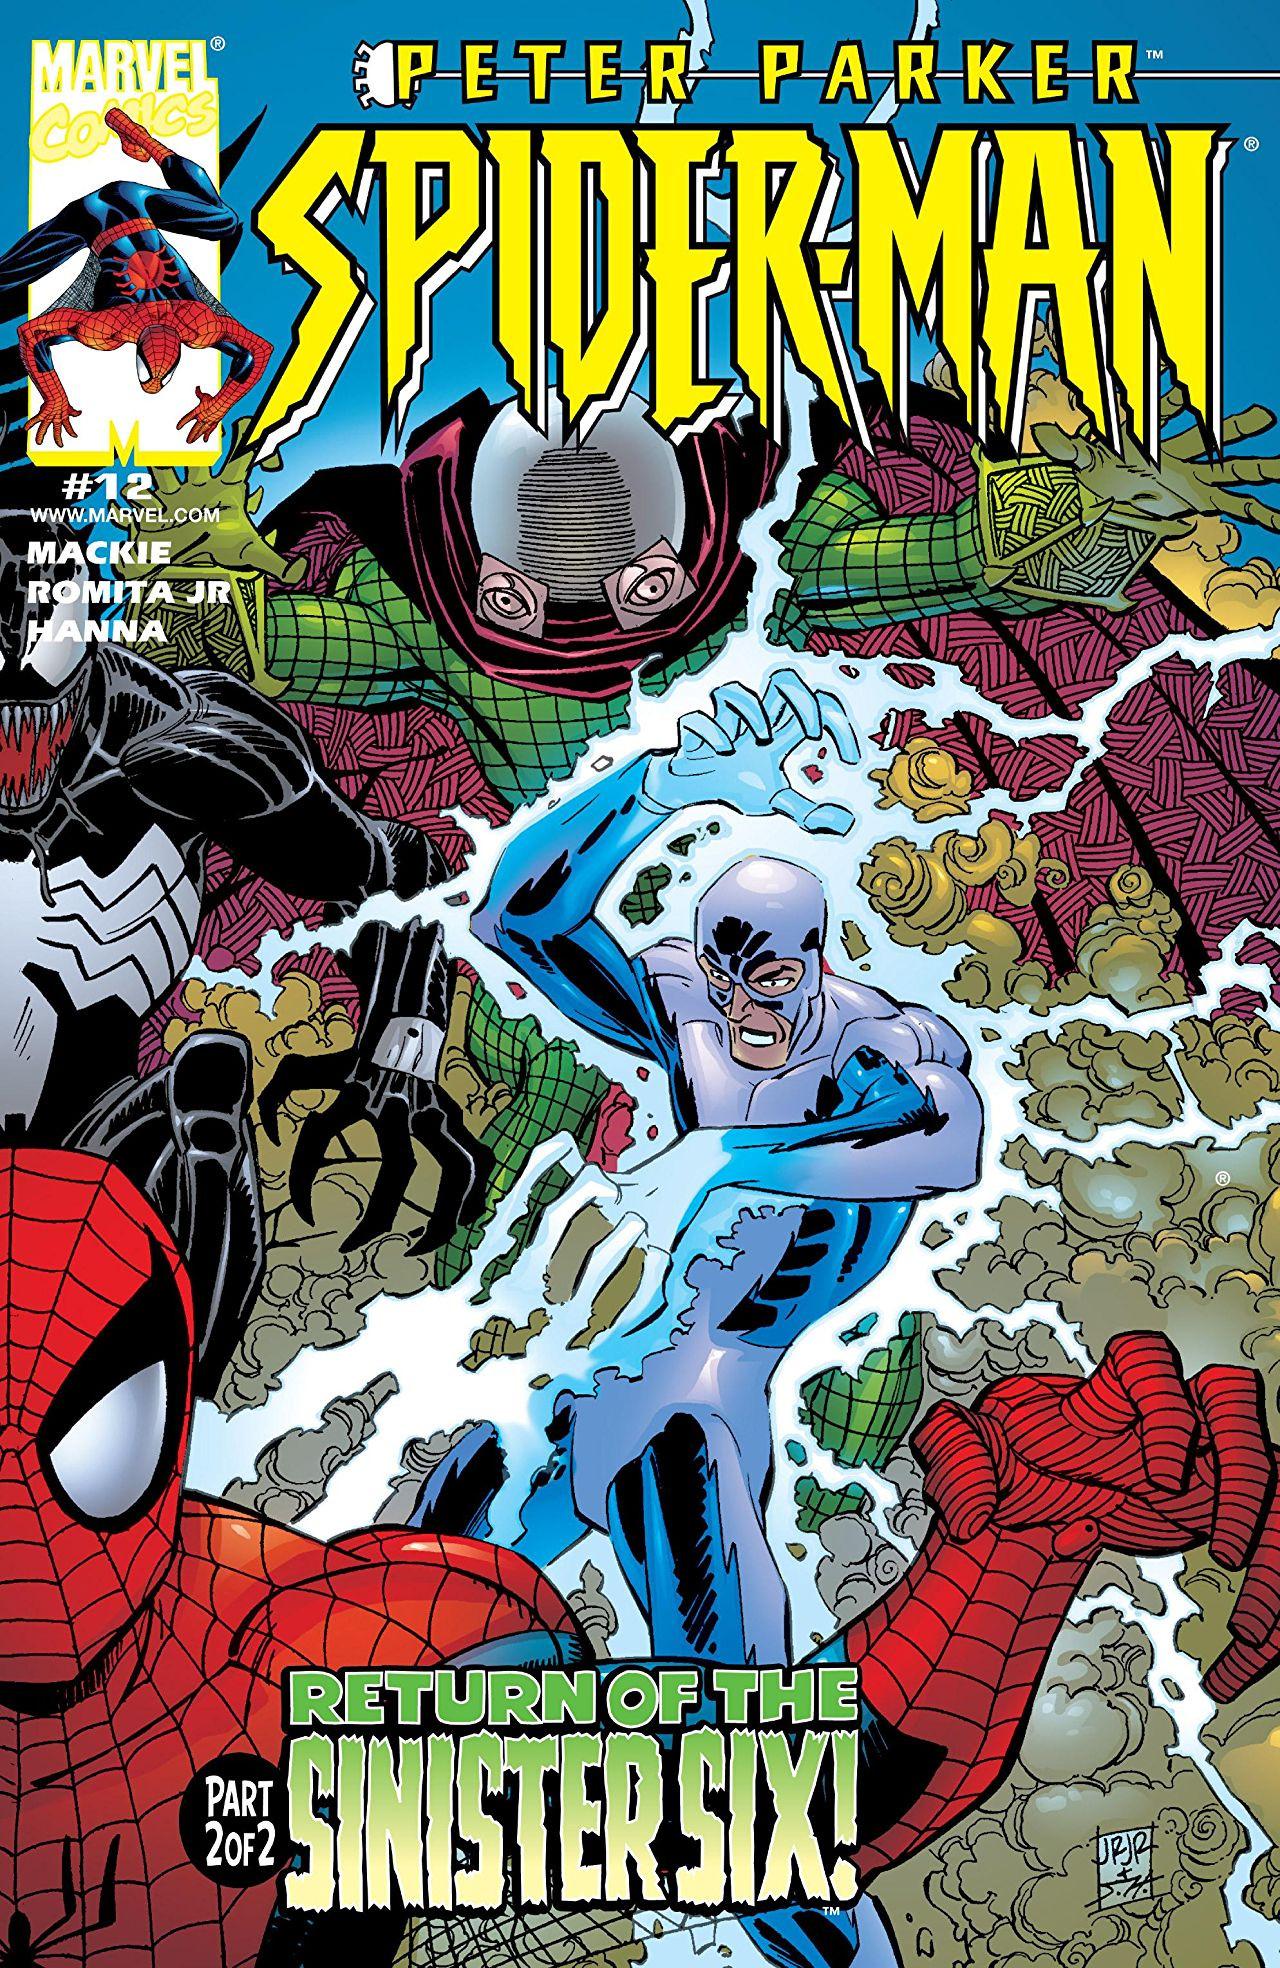 Peter Parker: Spider-Man Vol 1 12